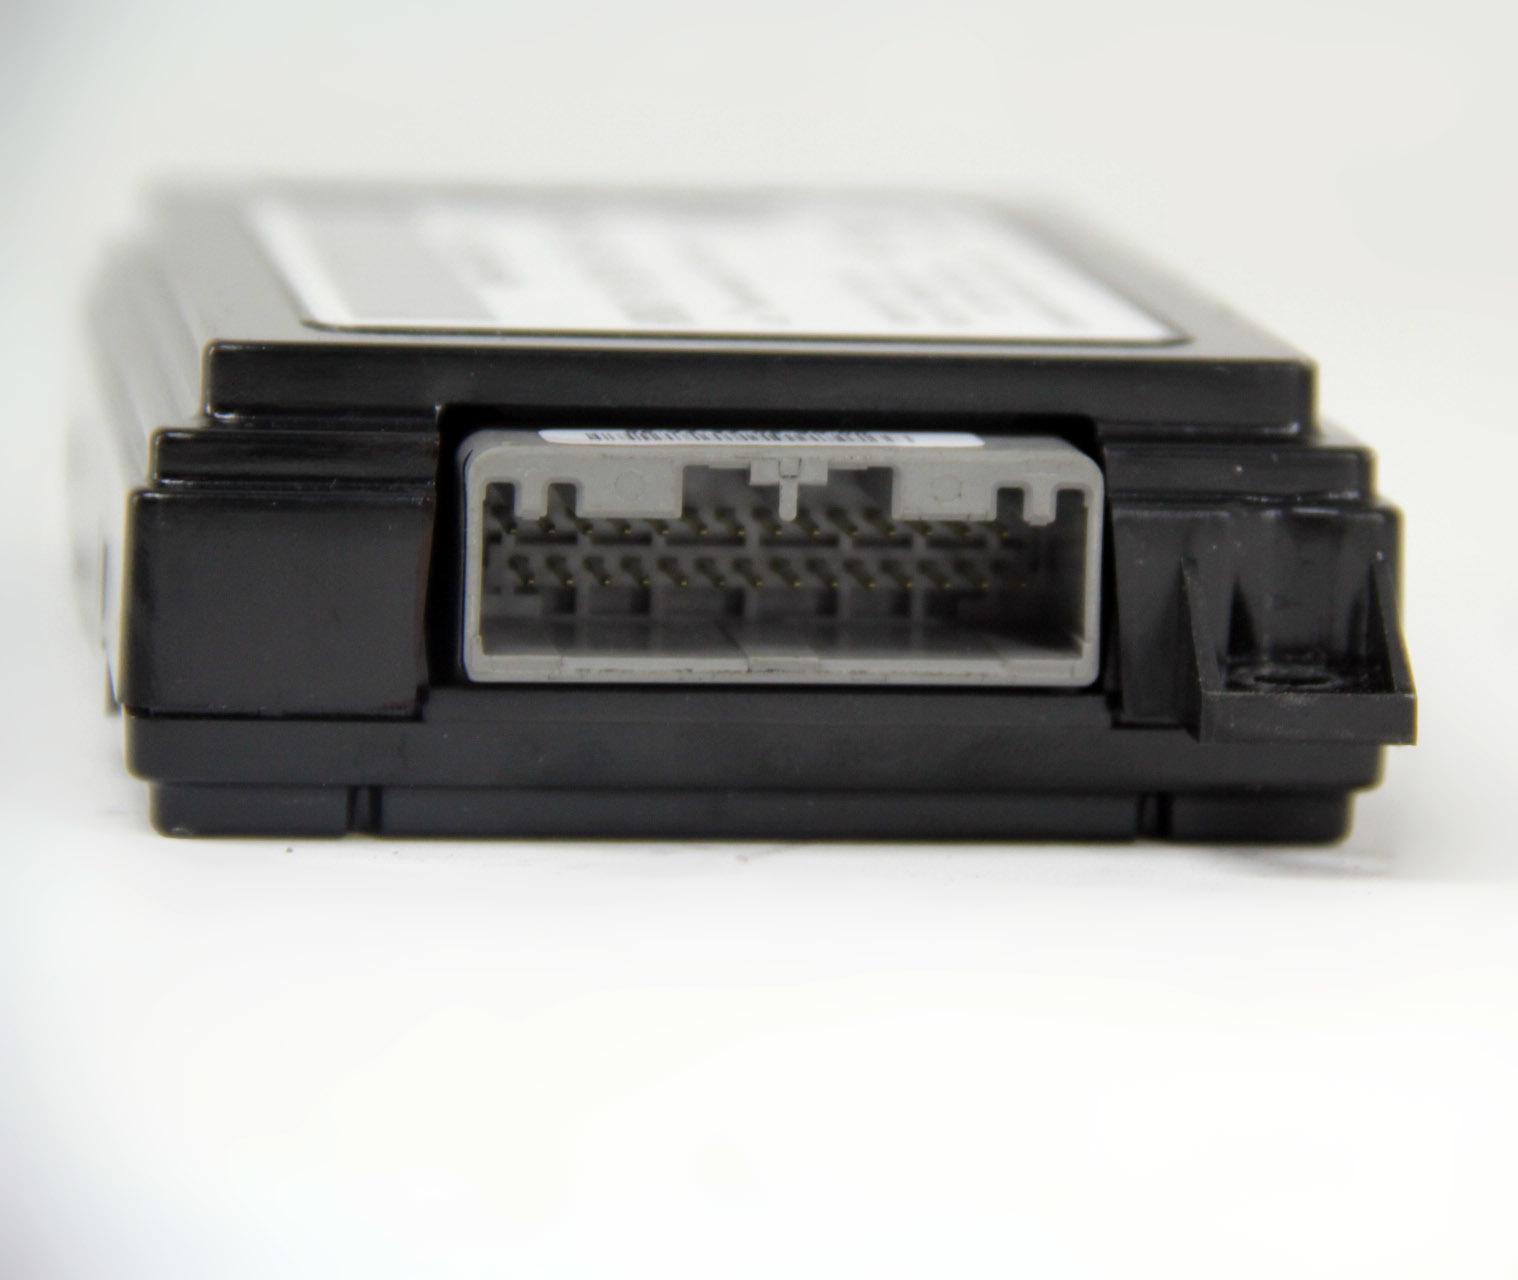 Acura MDX Bluetooth Control Unit Module 39770-STX-A010 OEM